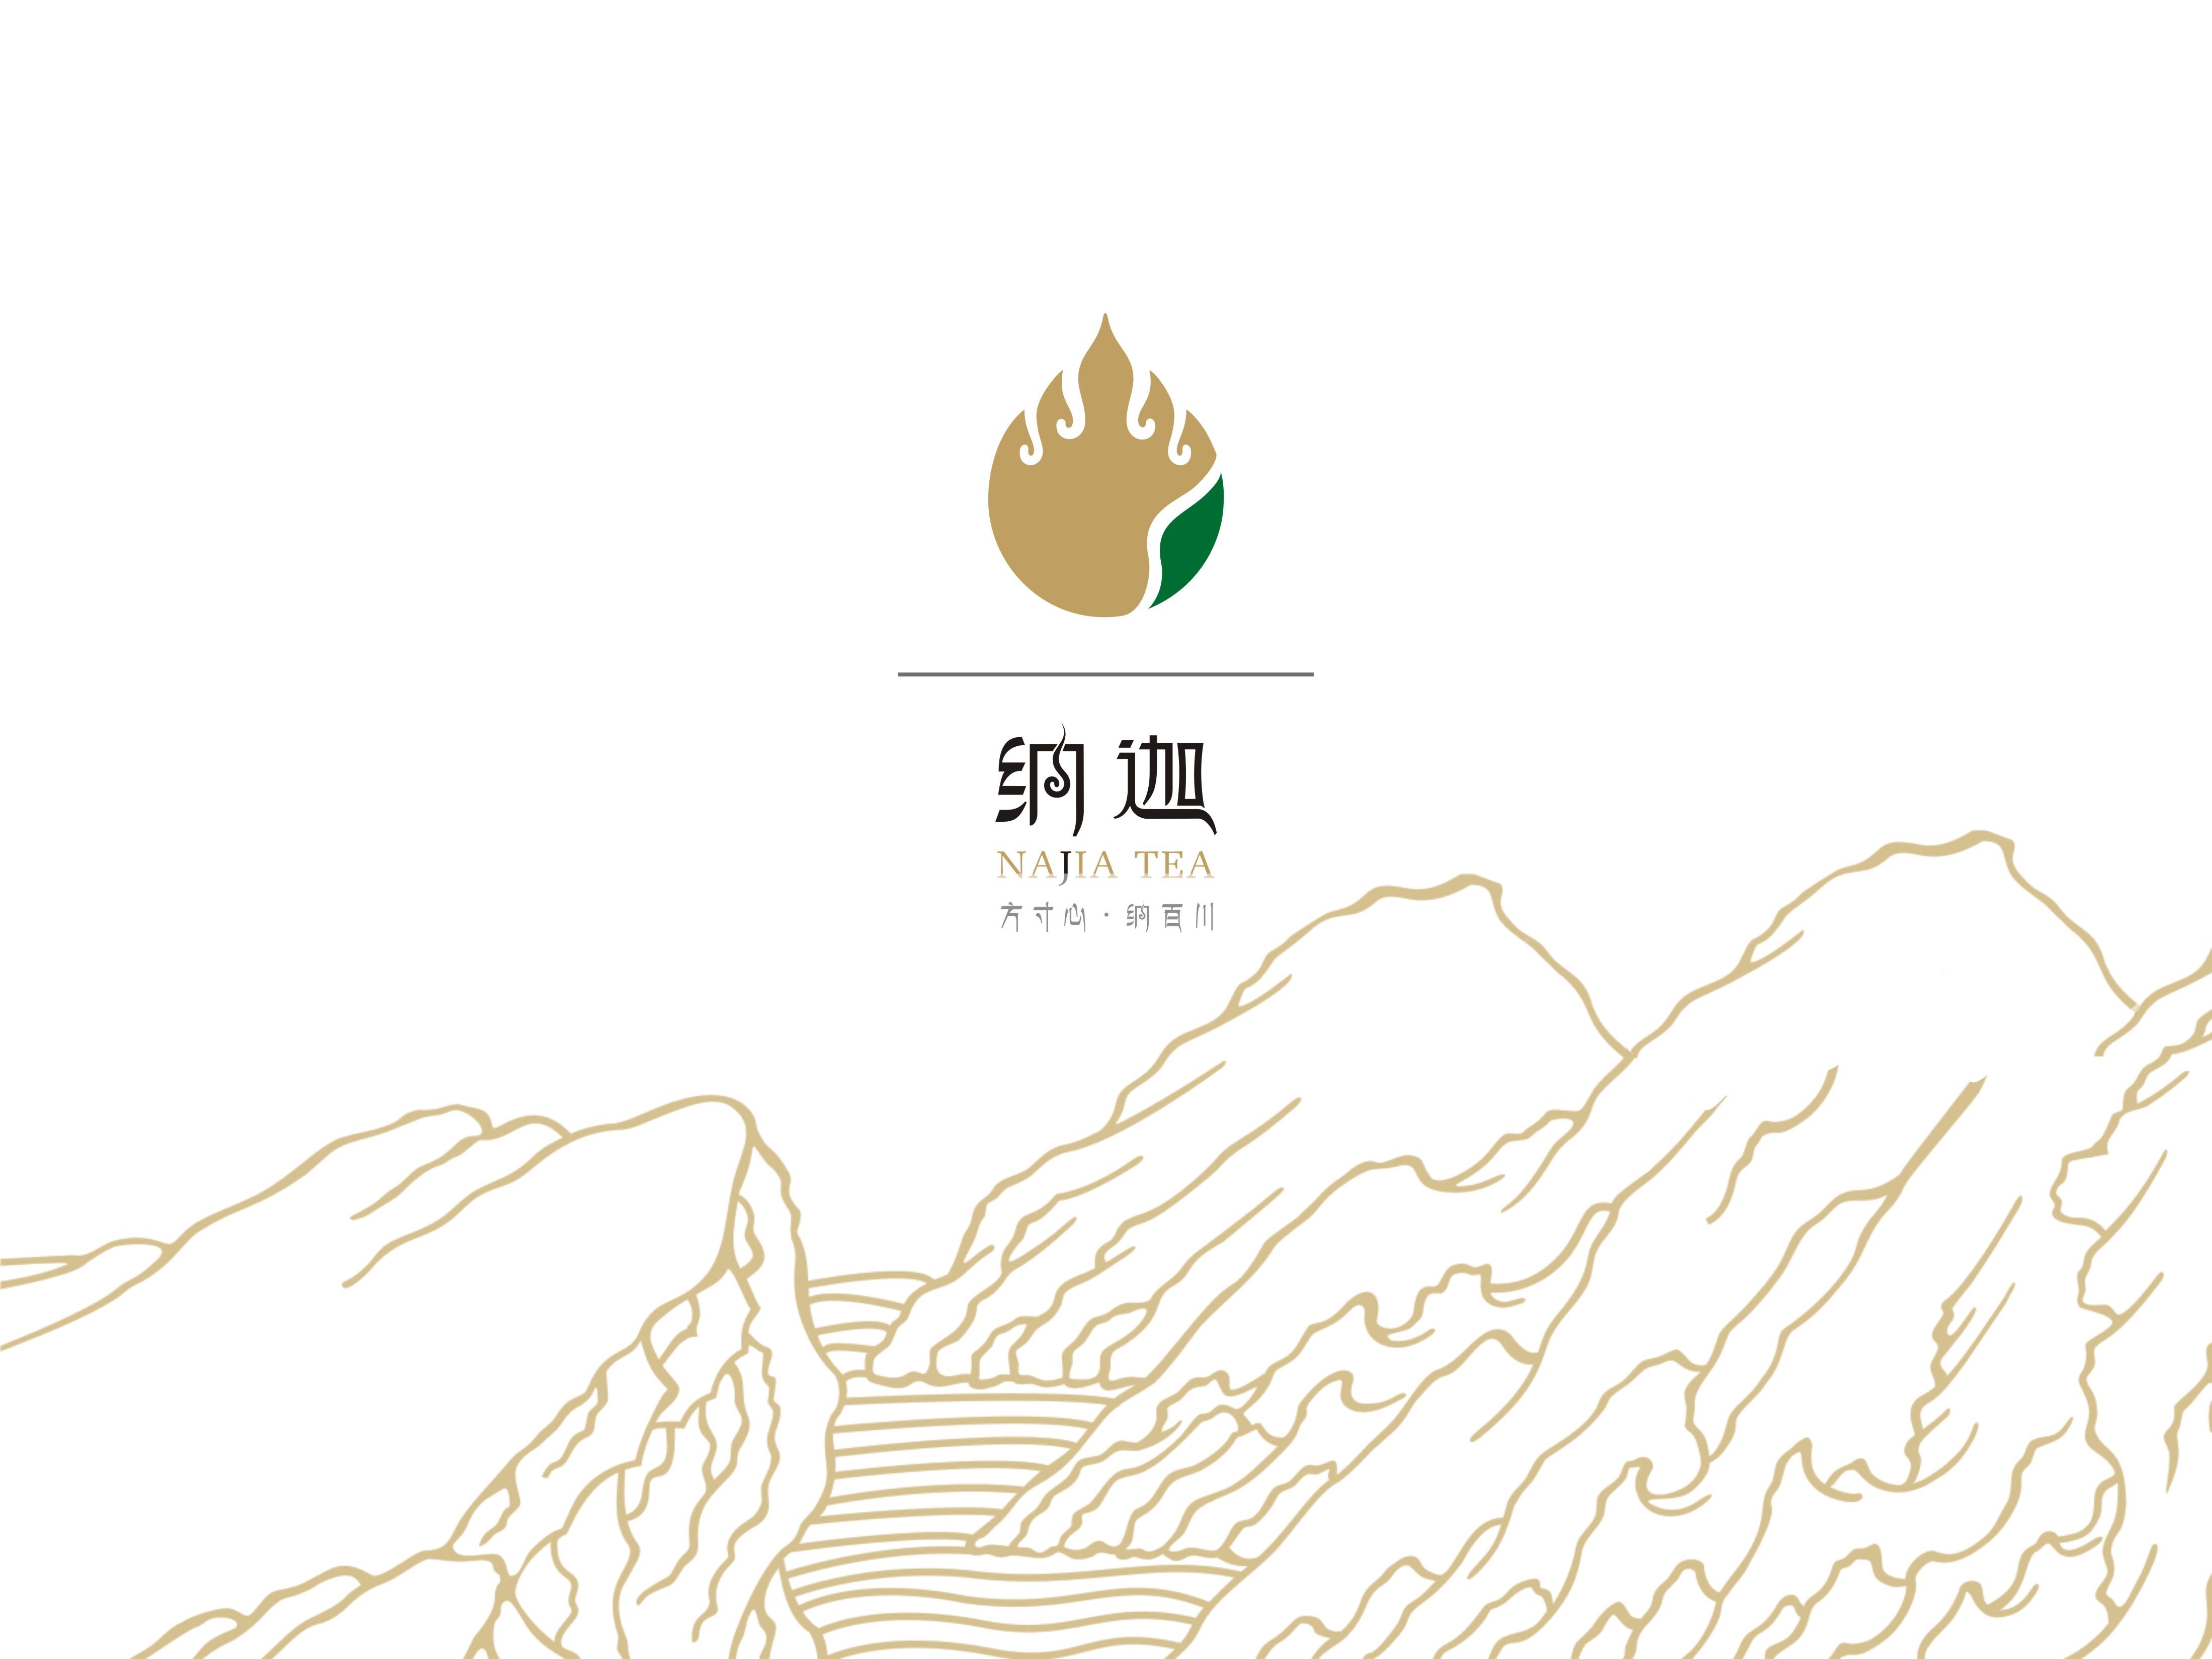 茶叶包装插画图片